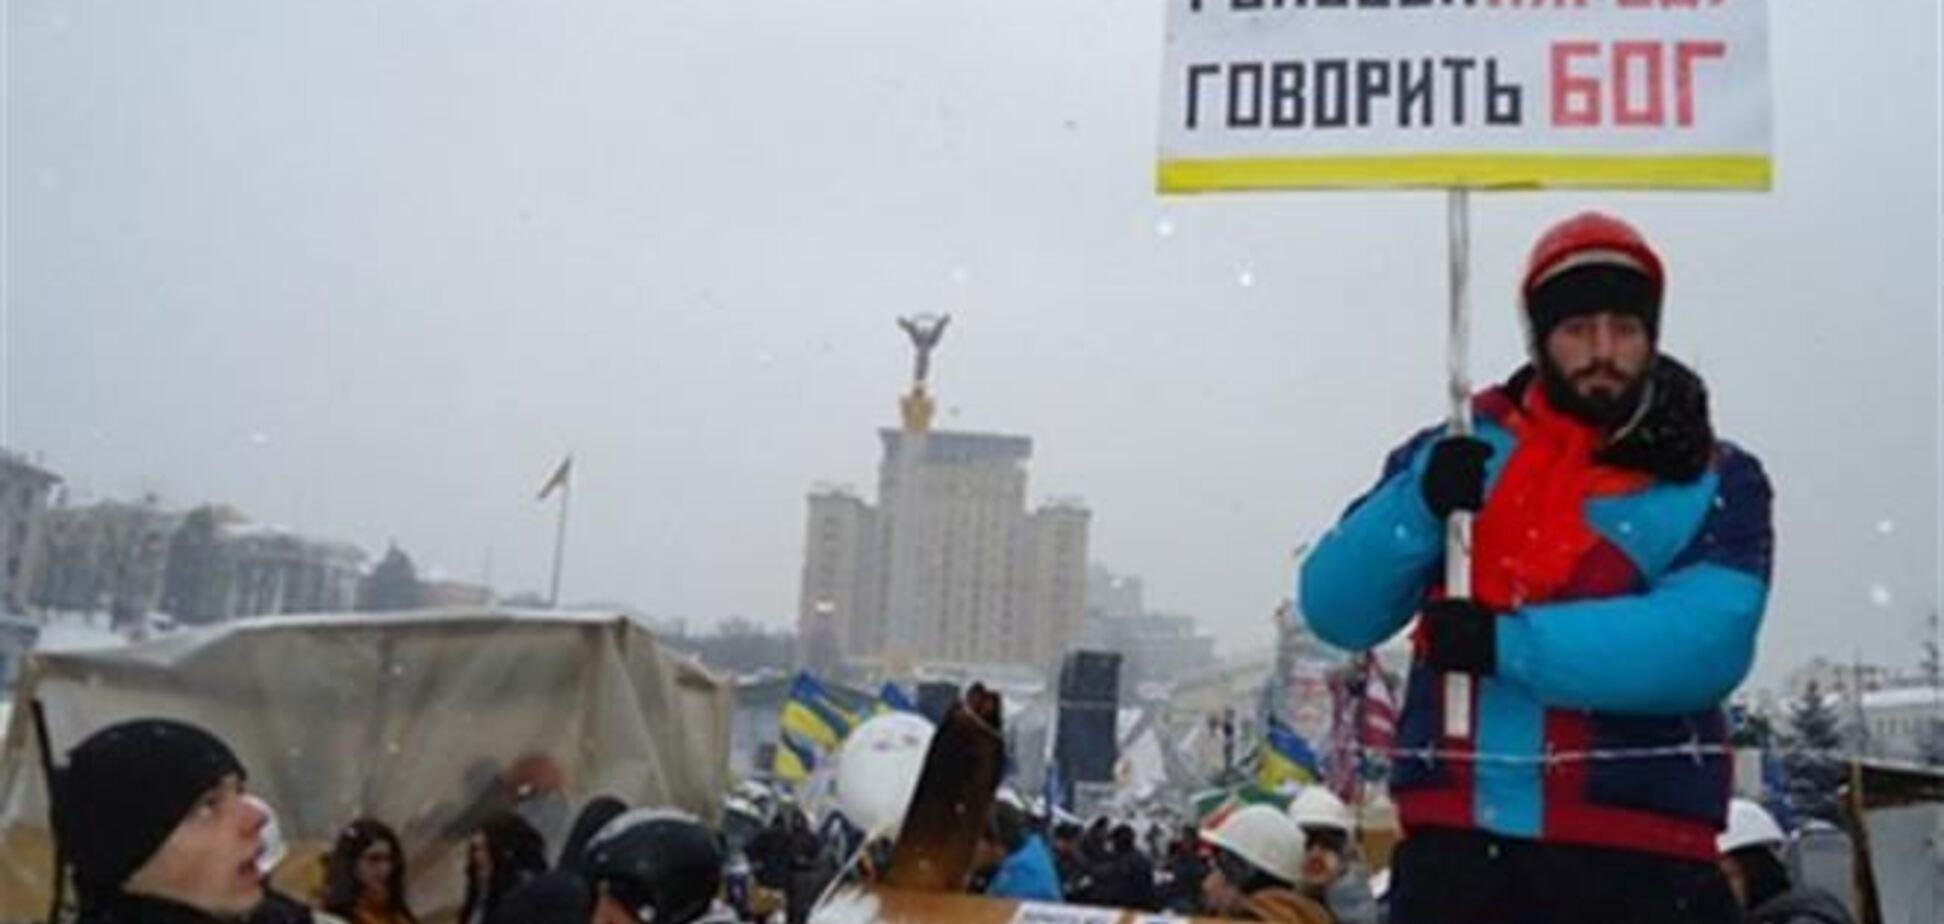 На Днепропетровщине к дому погибшего активиста Сергея Нигояна сходятся люди